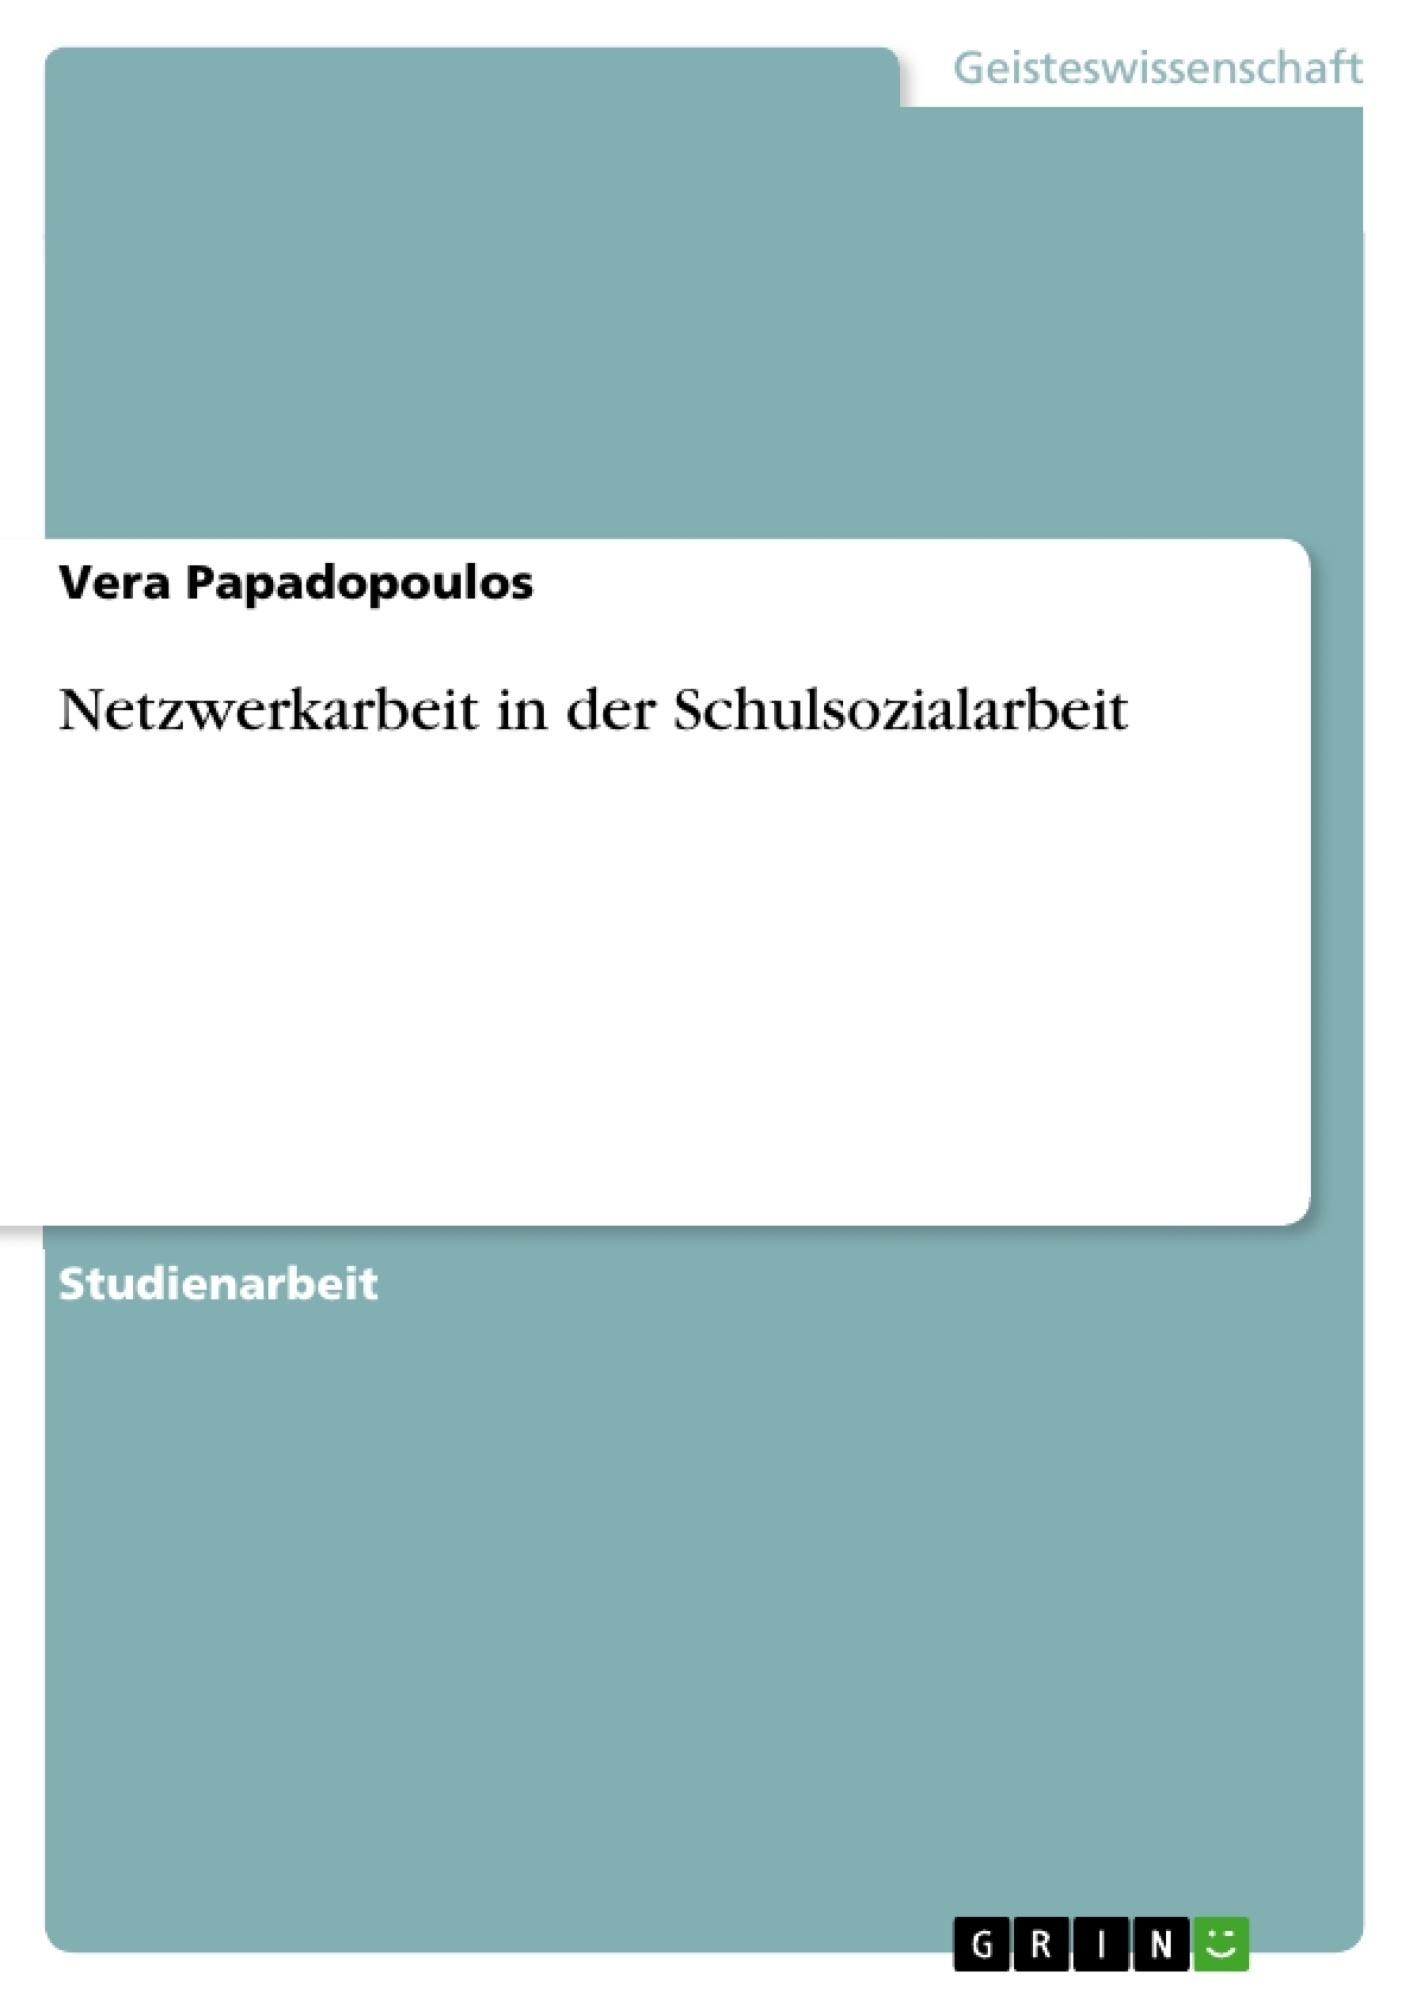 Titel: Netzwerkarbeit in der Schulsozialarbeit